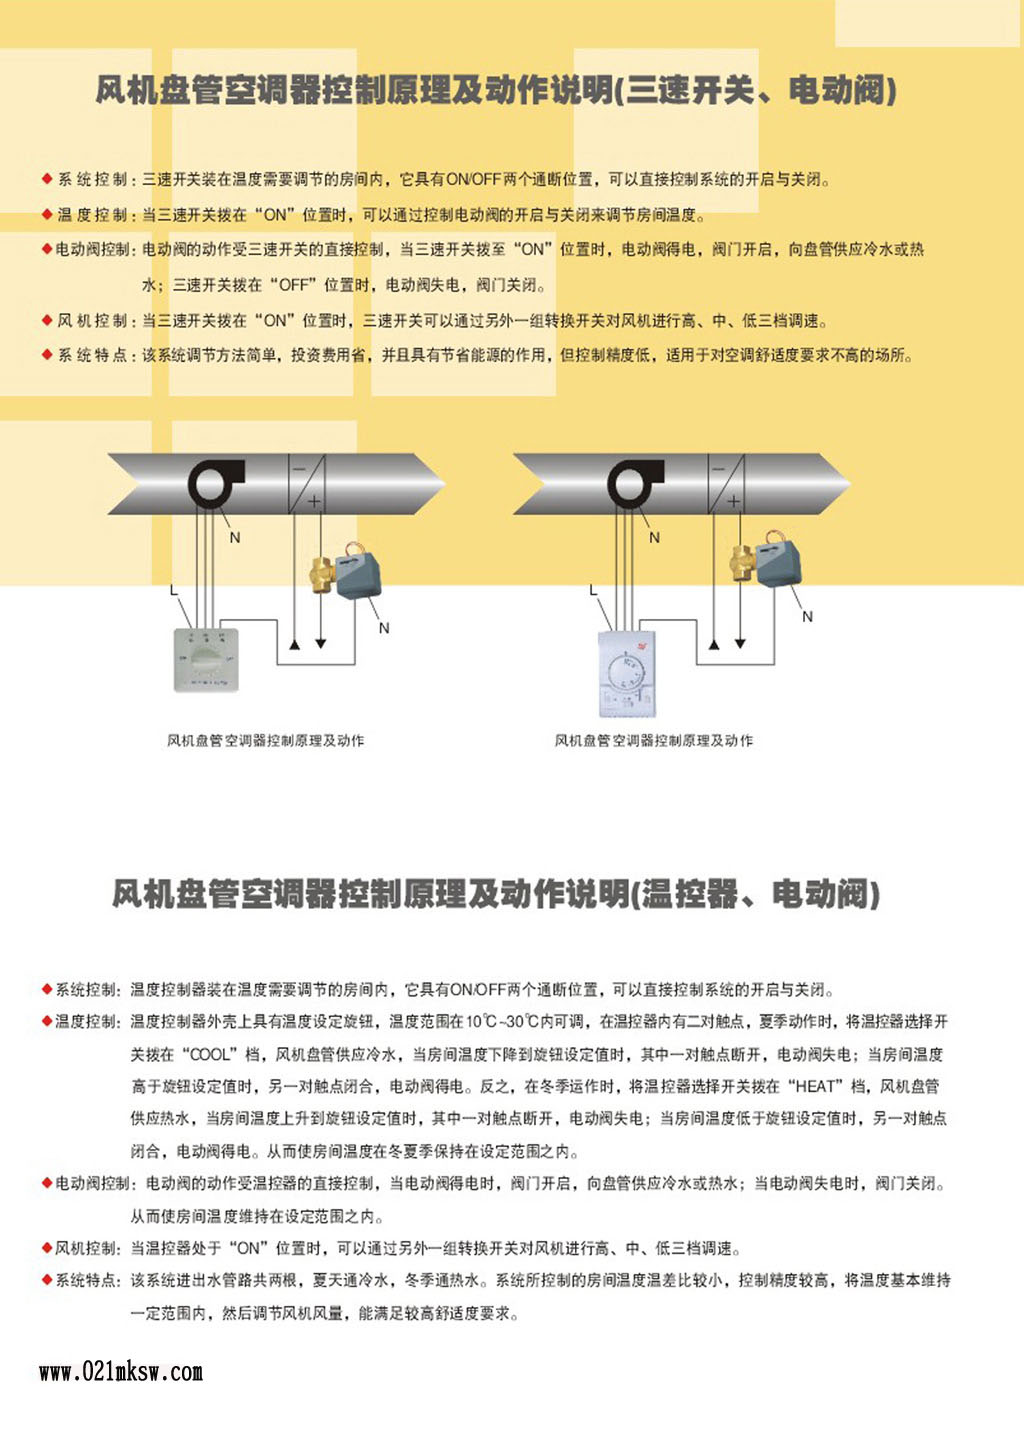 风机盘管空调控制原理